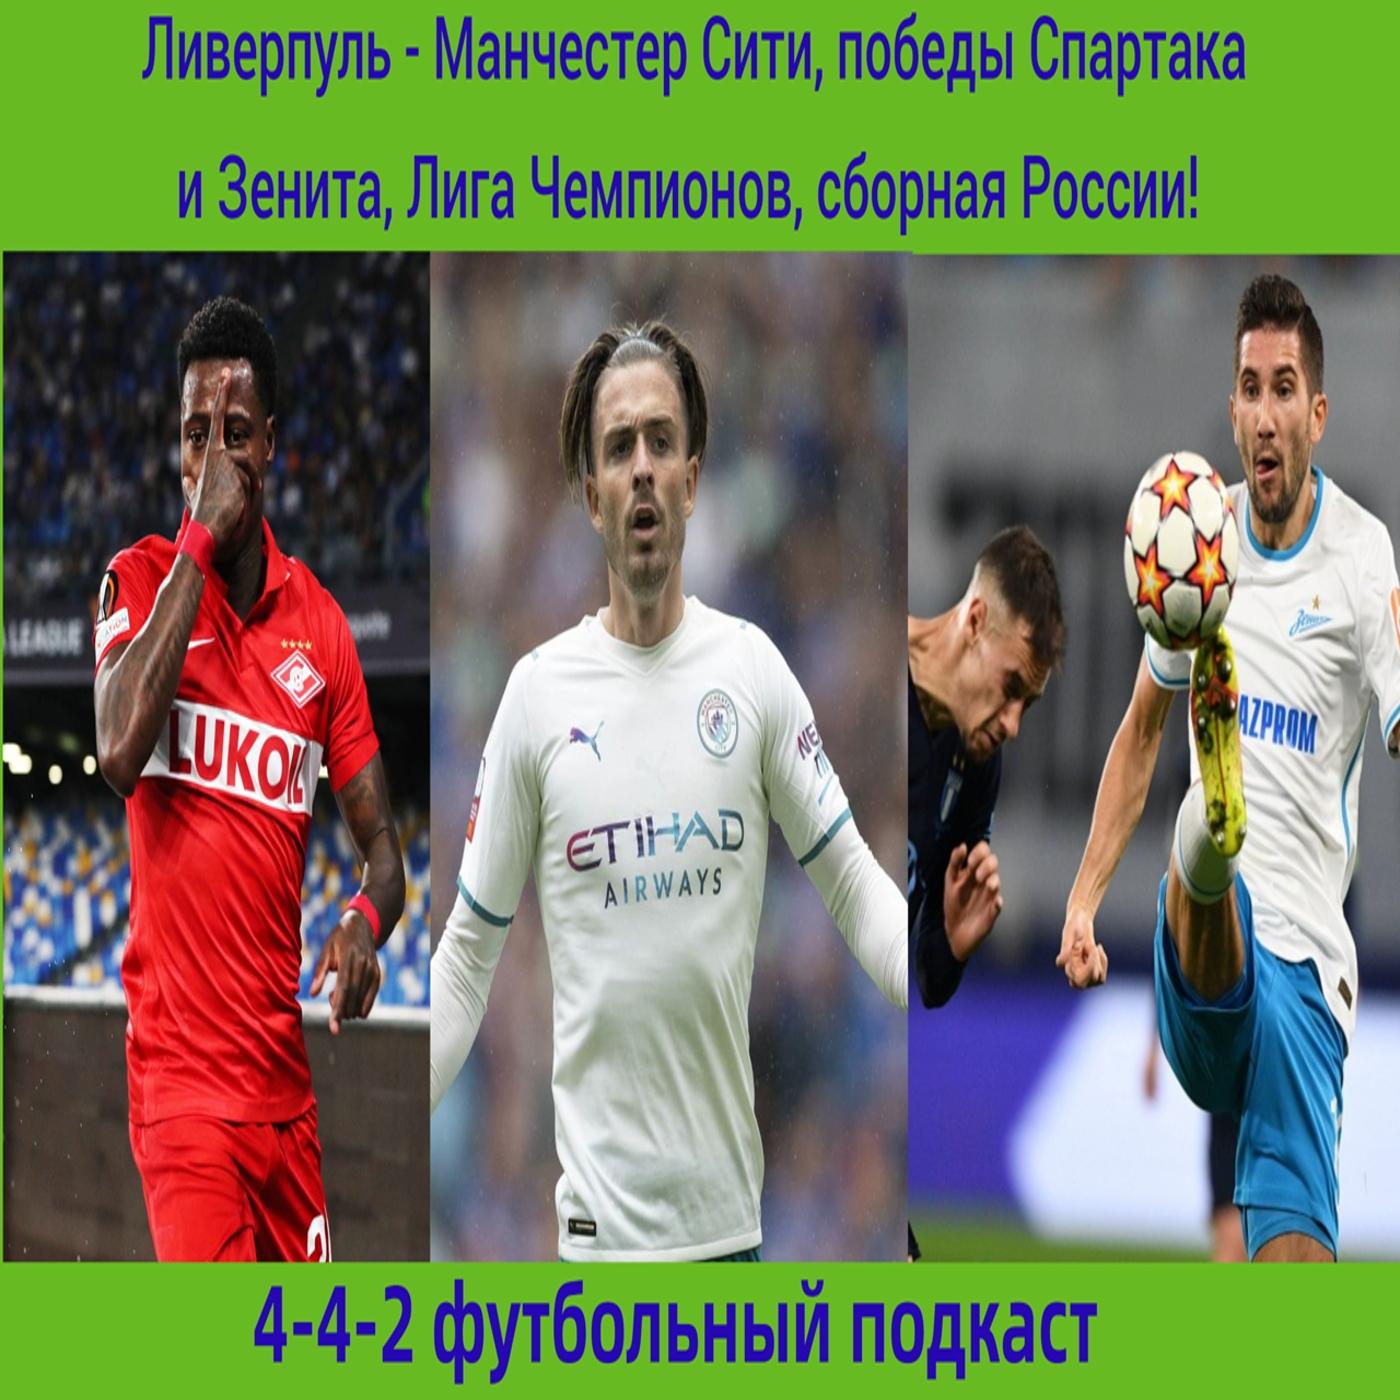 Ливерпуль - Манчестер Сити, победы Спартака и Зенита, Лига Чемпионов, сборная России!